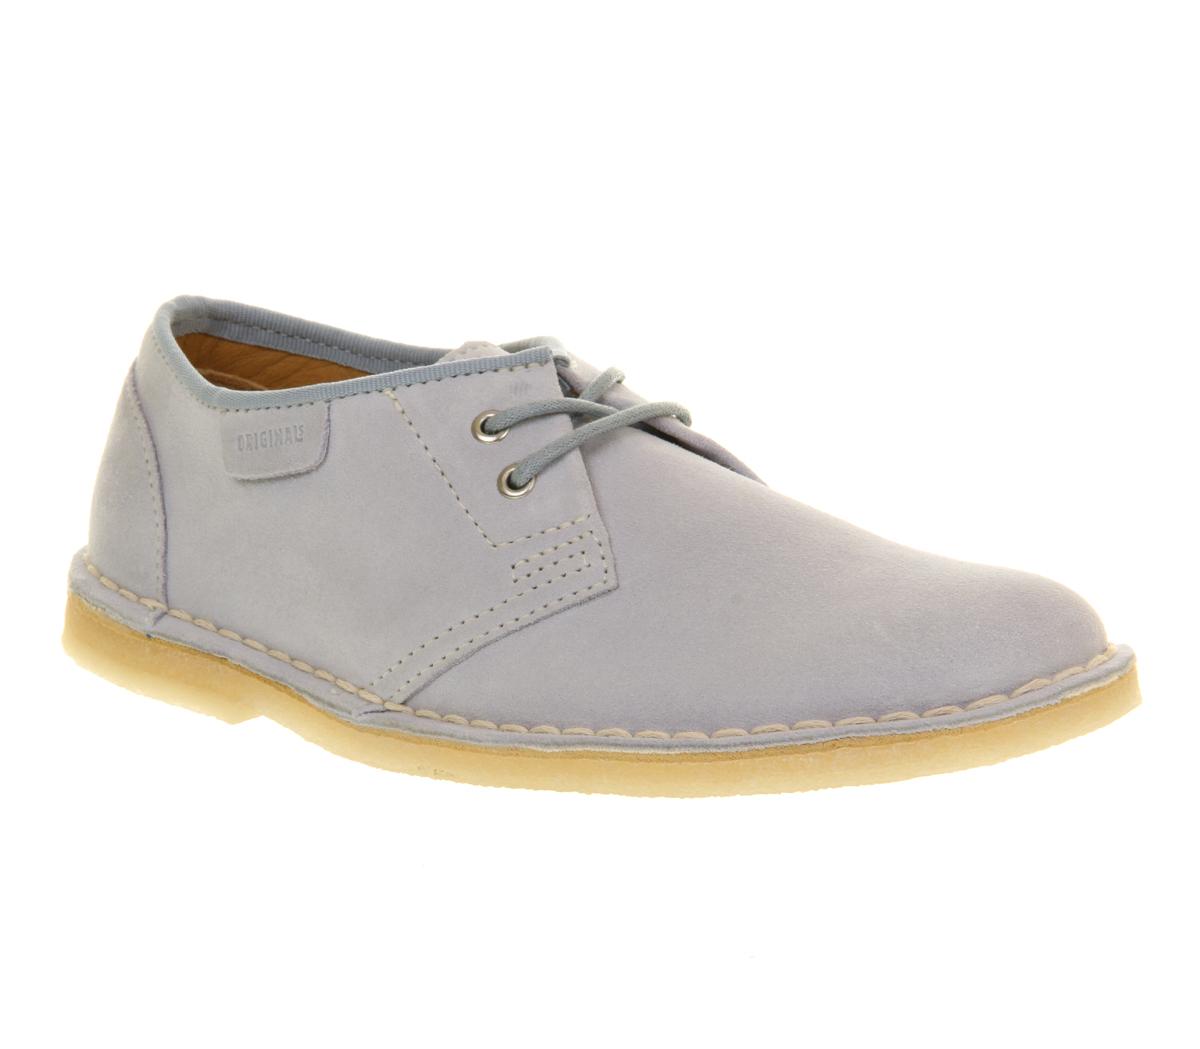 womens clarks originals jink lace up shoe pale blue suede